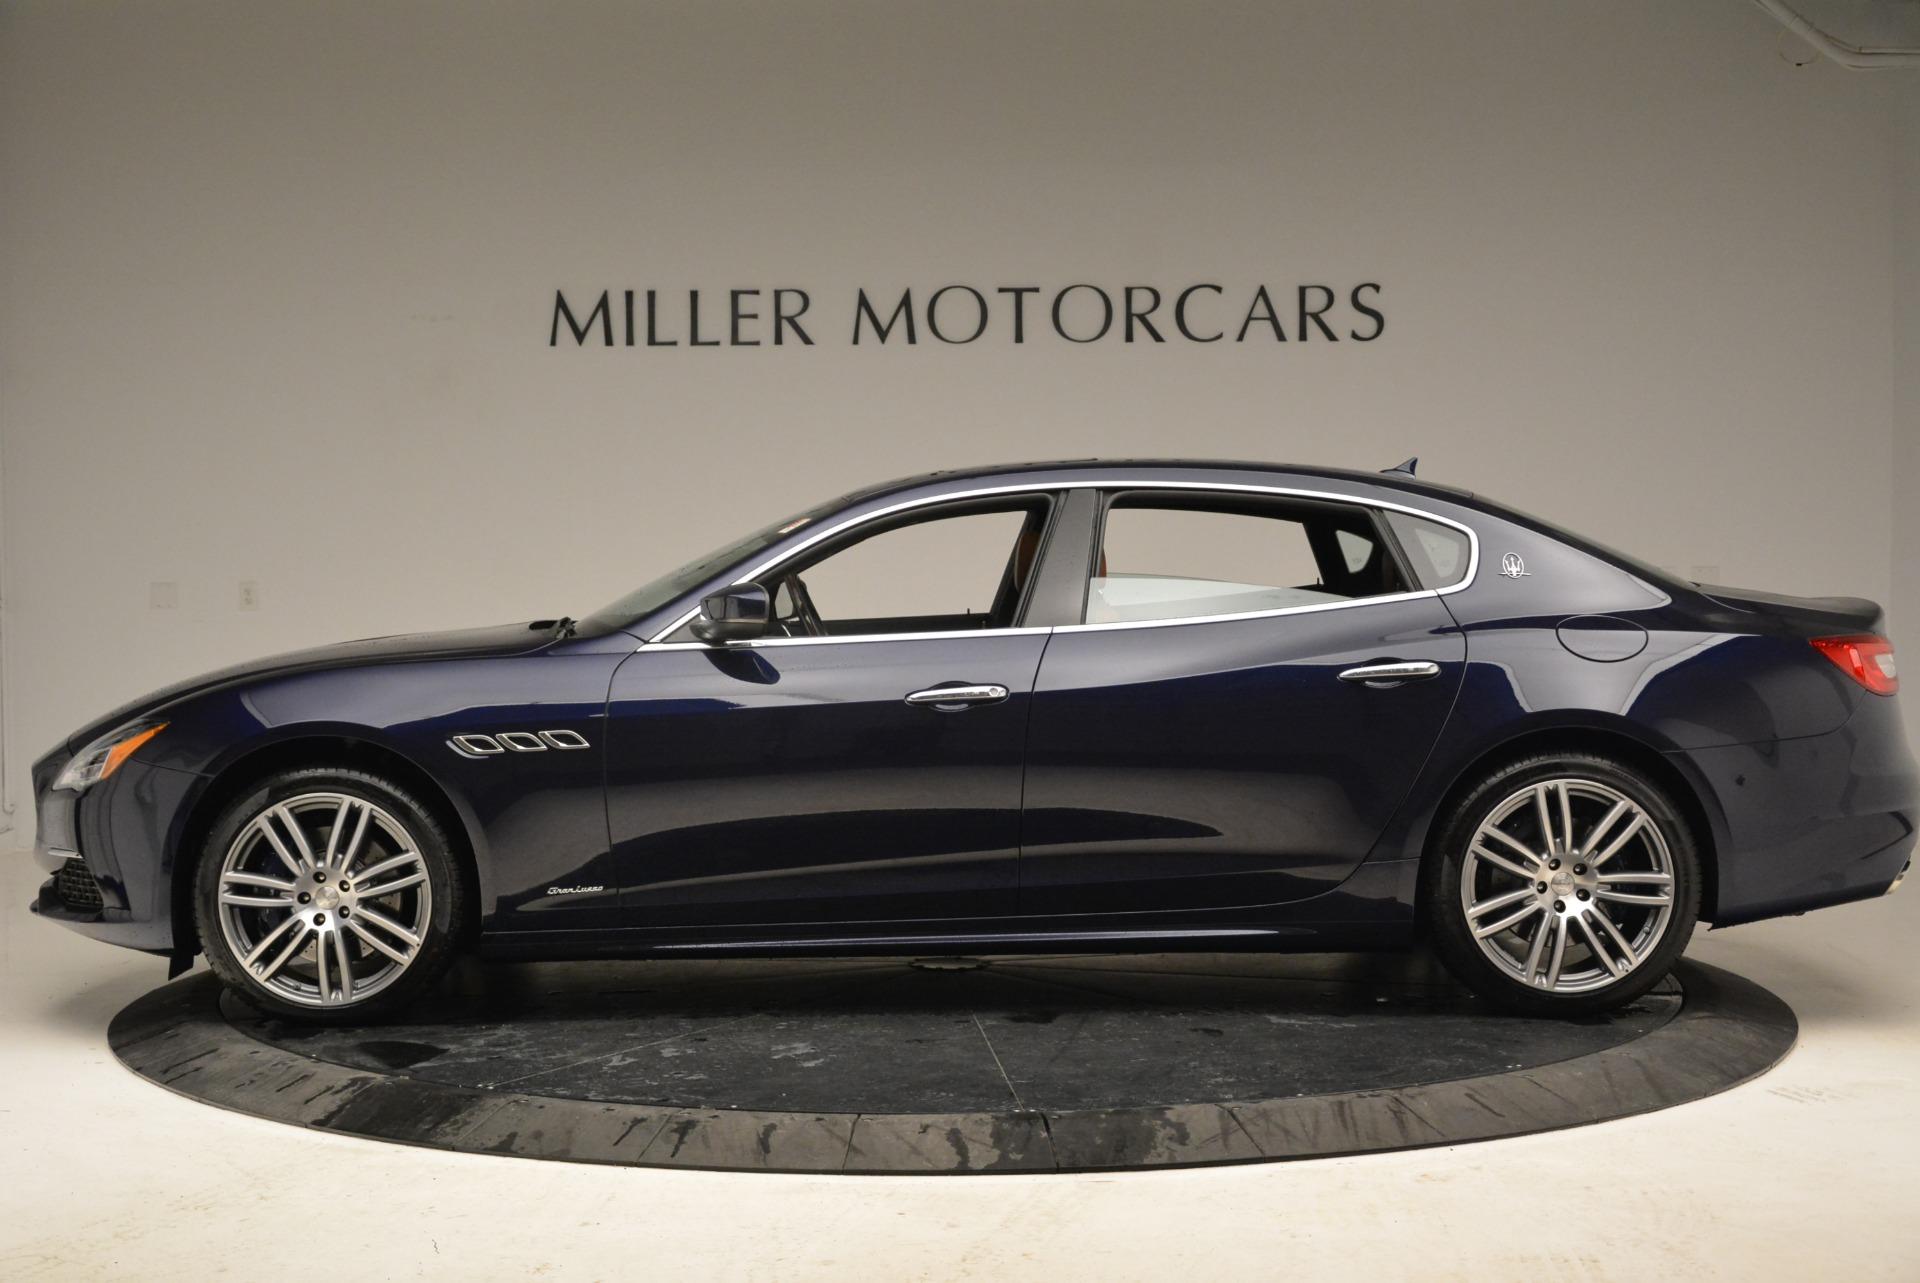 New 2018 Maserati Quattroporte S Q4 GranLusso For Sale In Greenwich, CT. Alfa Romeo of Greenwich, M1978 1816_p3